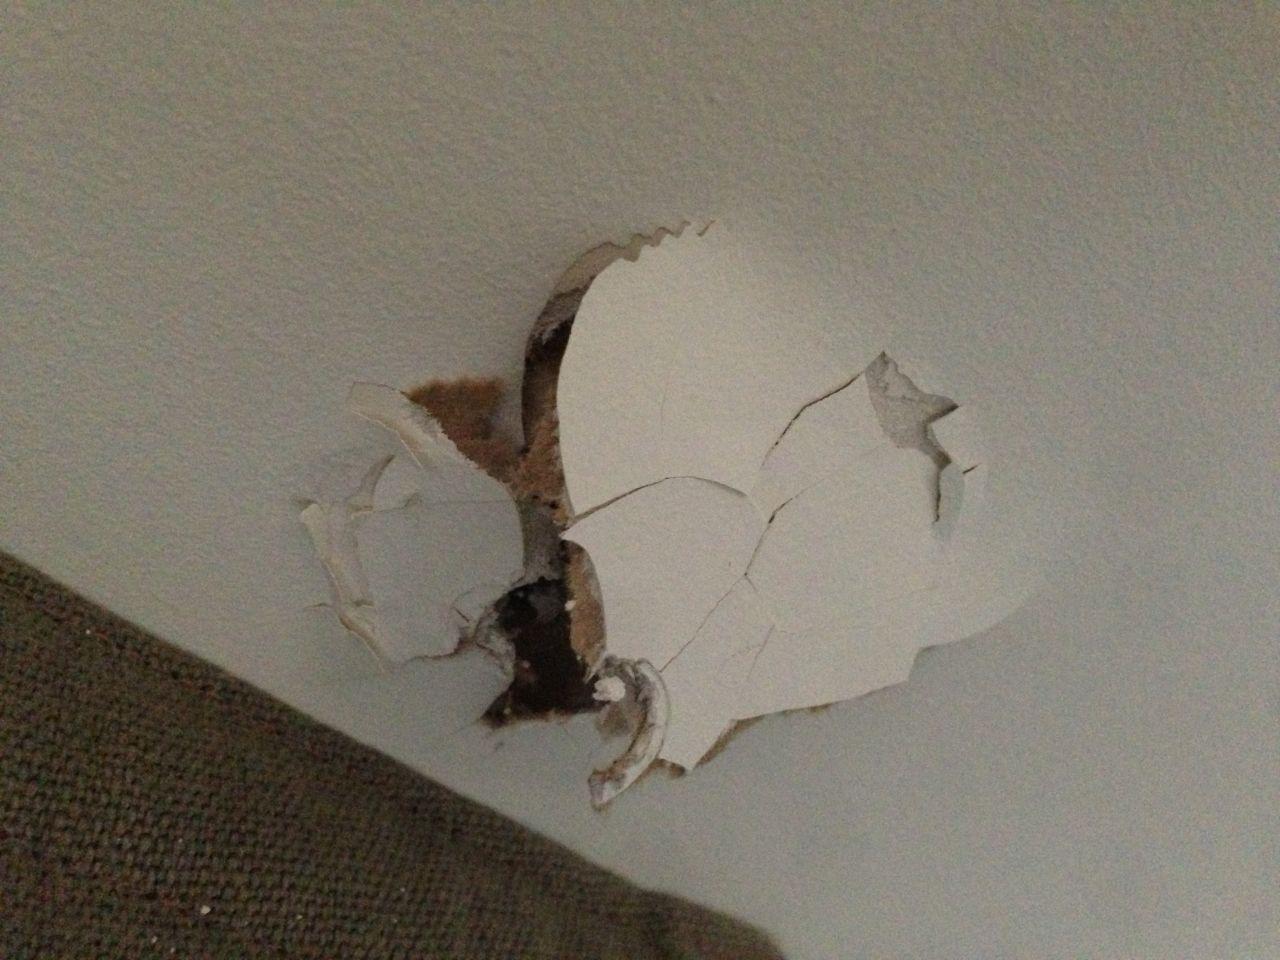 Réparer Un Plafond En Platre à réparer plaque faux-plafond arrachée - 10 messages